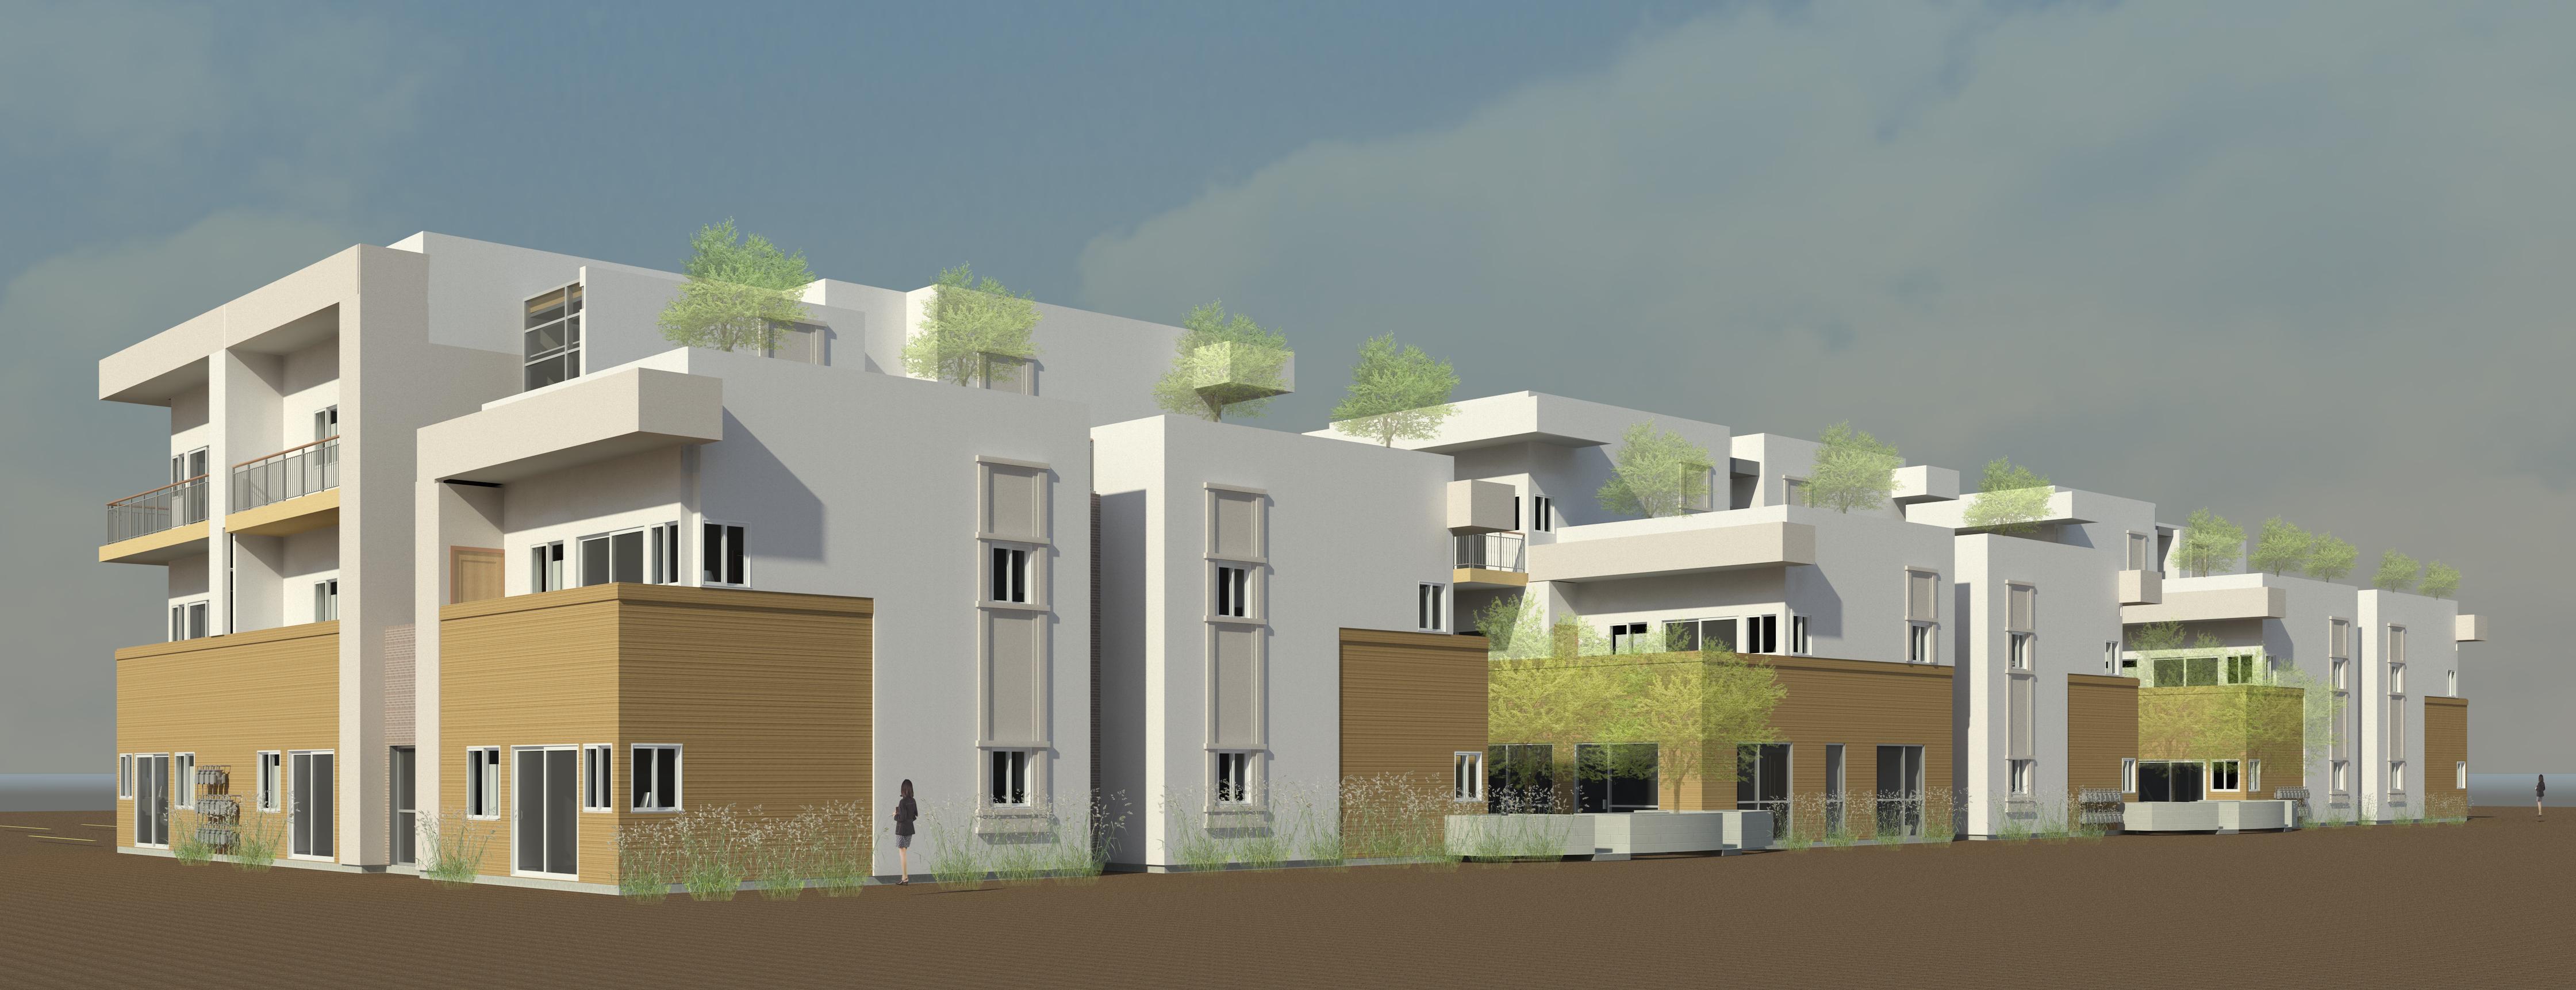 New Development Provo City Housing Authority